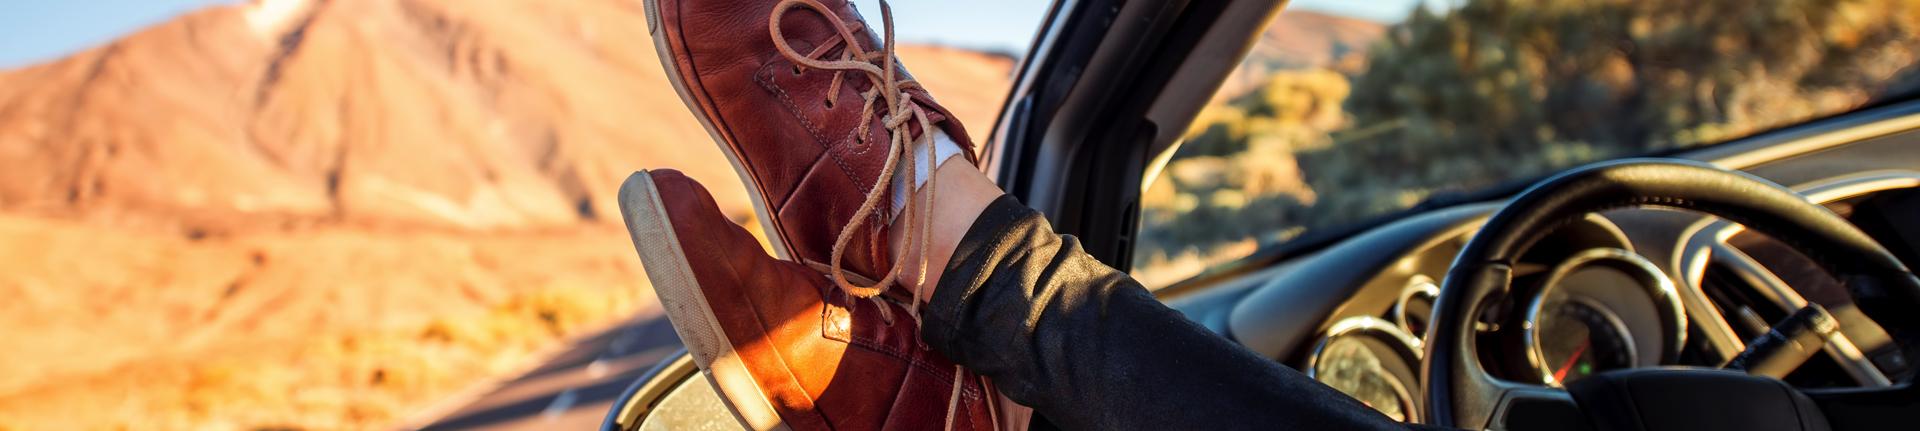 Economia na viagem de carro